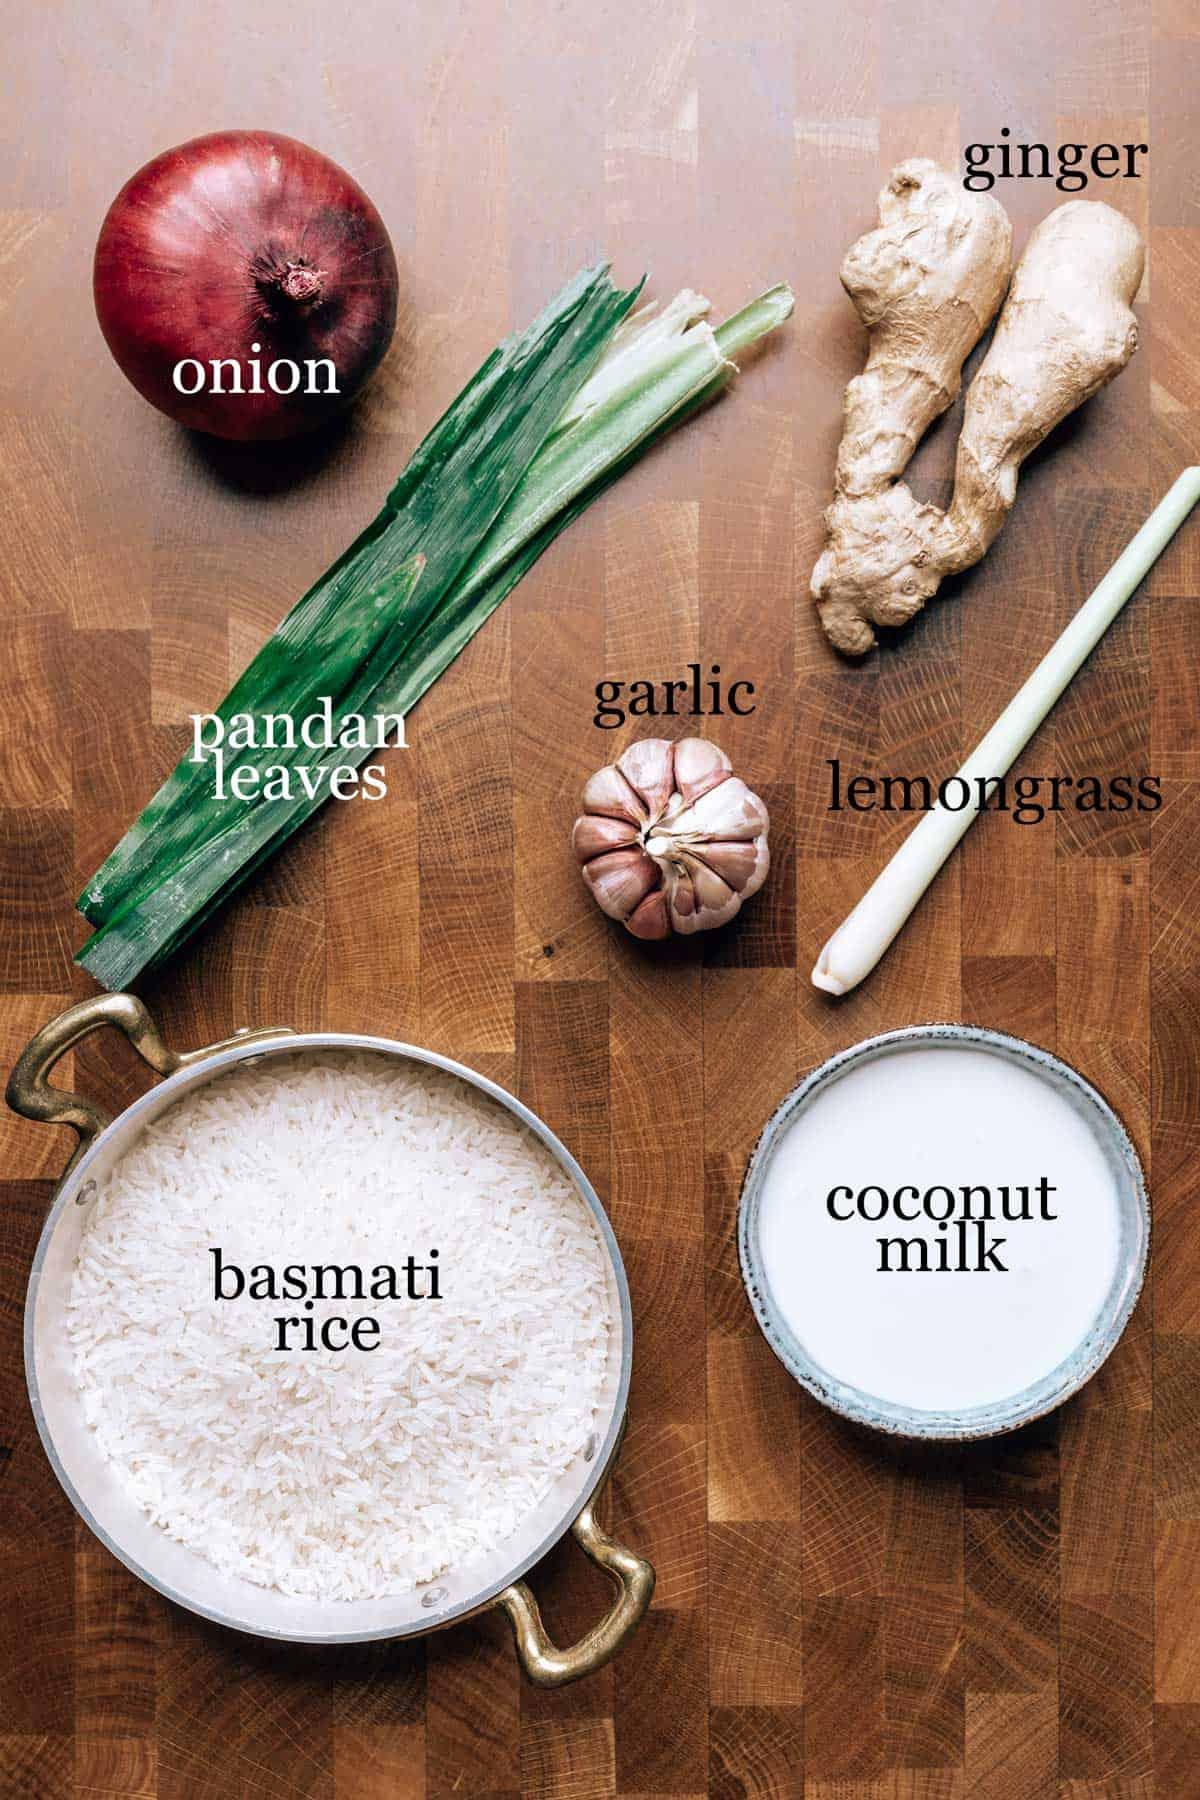 Ingredients to make nasi lemak